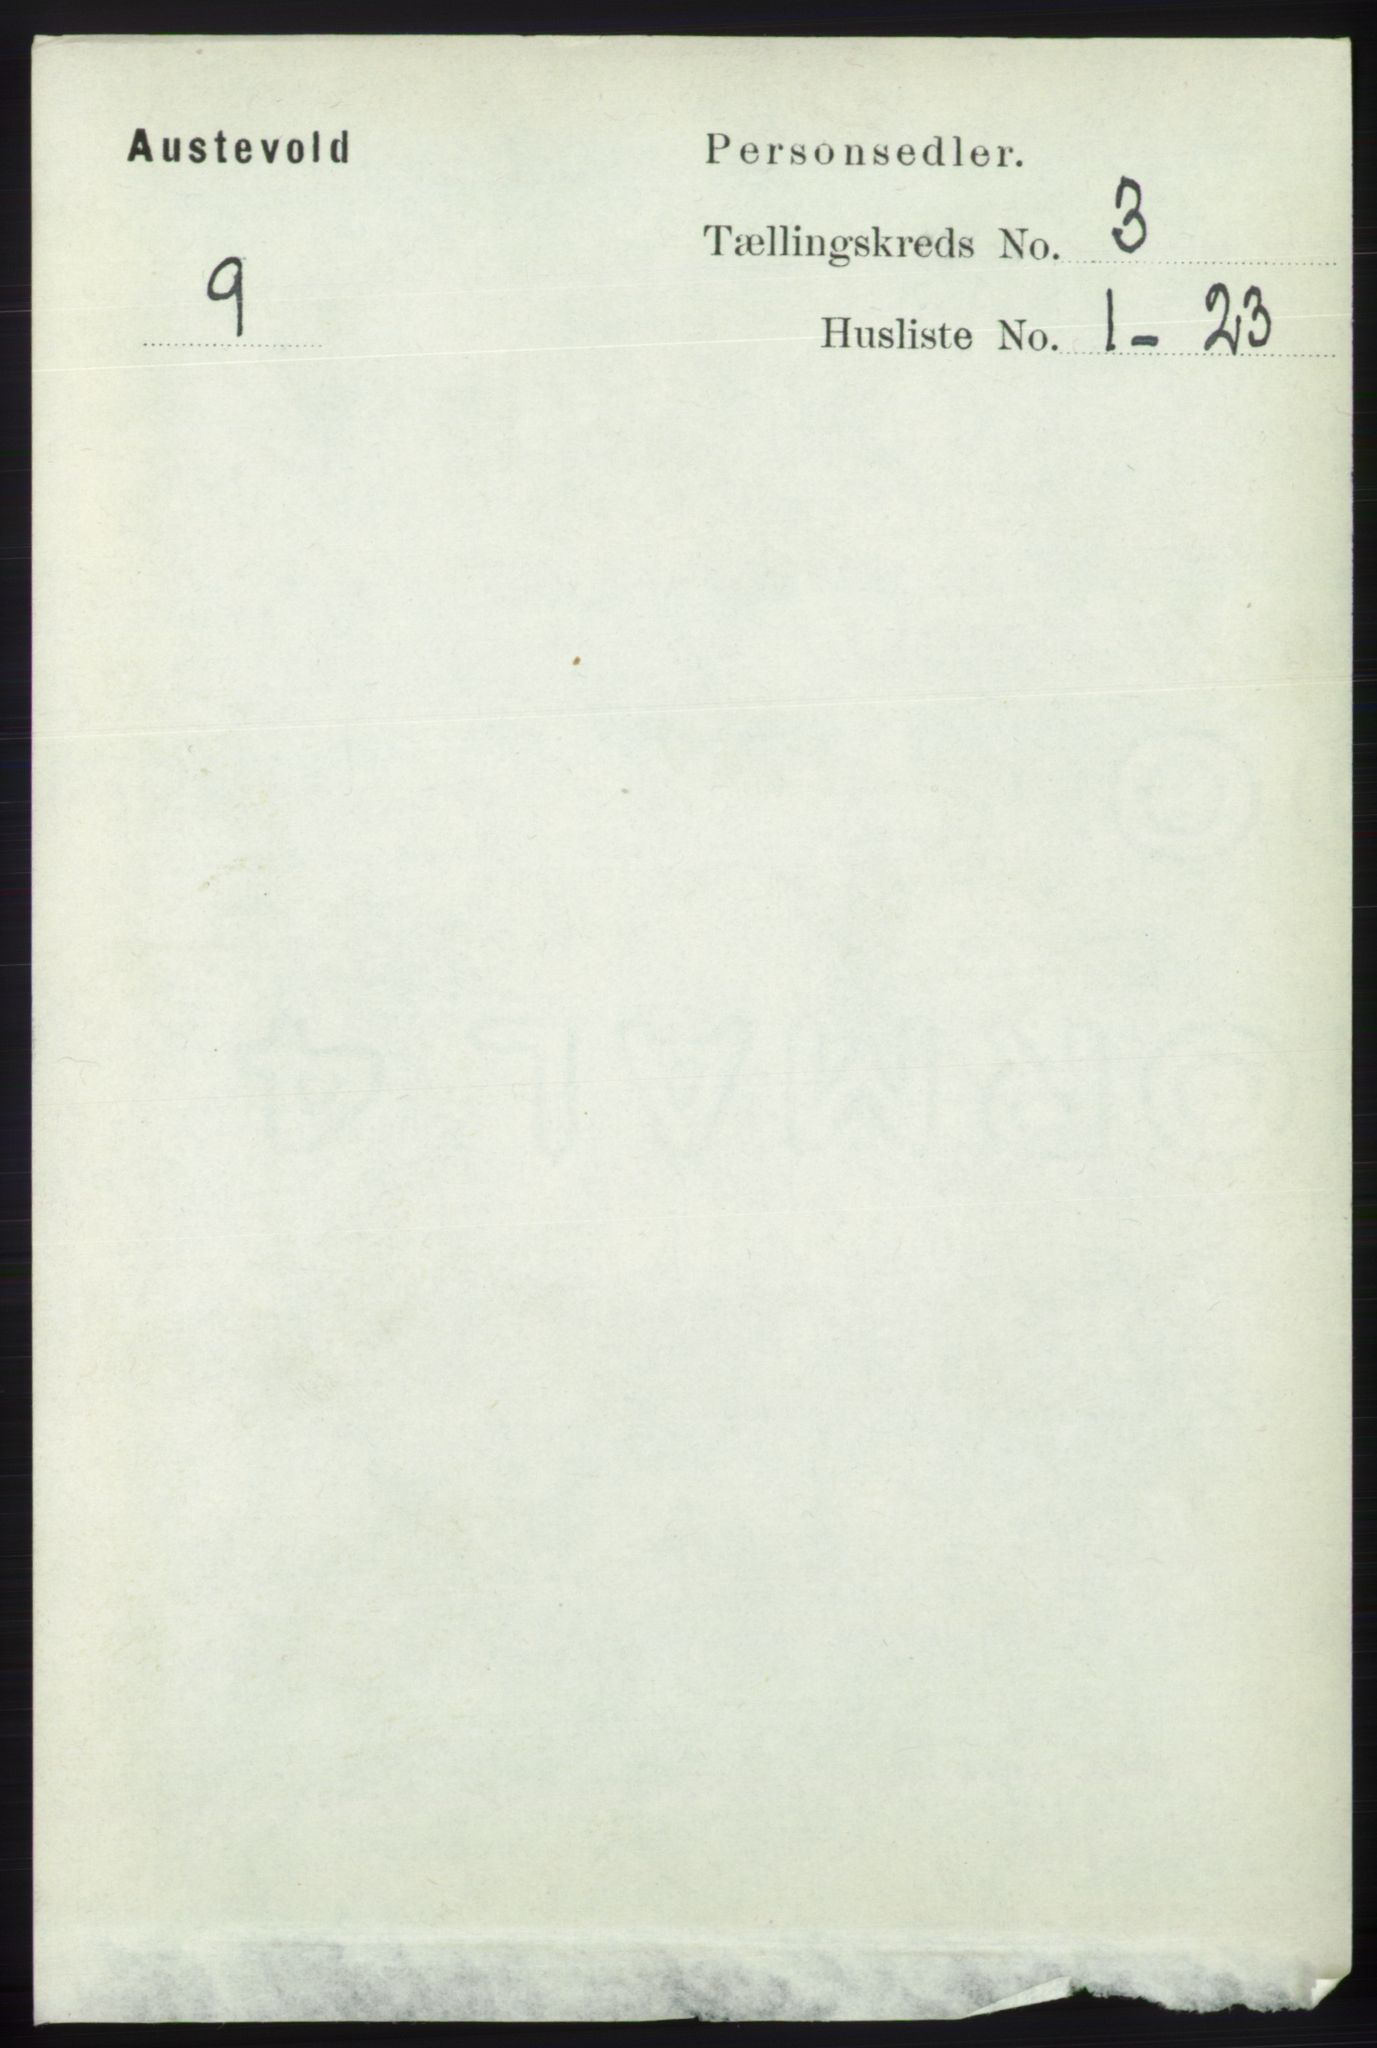 RA, Folketelling 1891 for 1244 Austevoll herred, 1891, s. 952